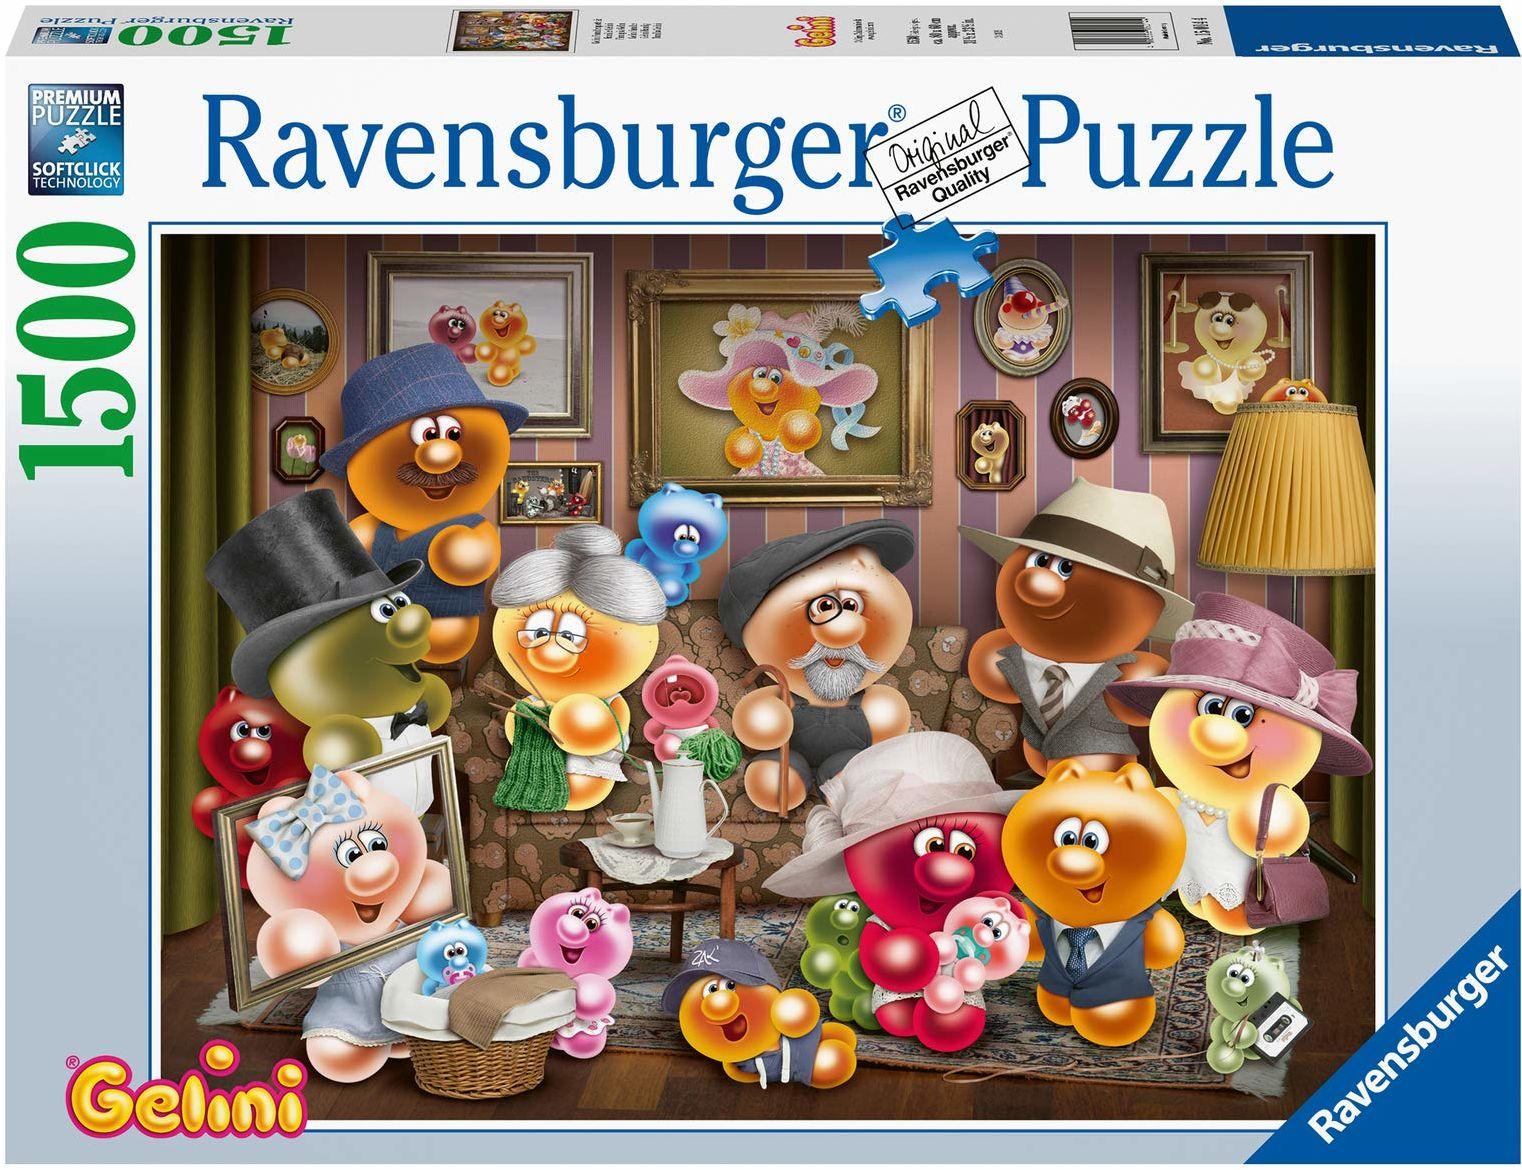 Ravensburger Puzzle 15014 - Gelini portret rodzinny - 1500 części